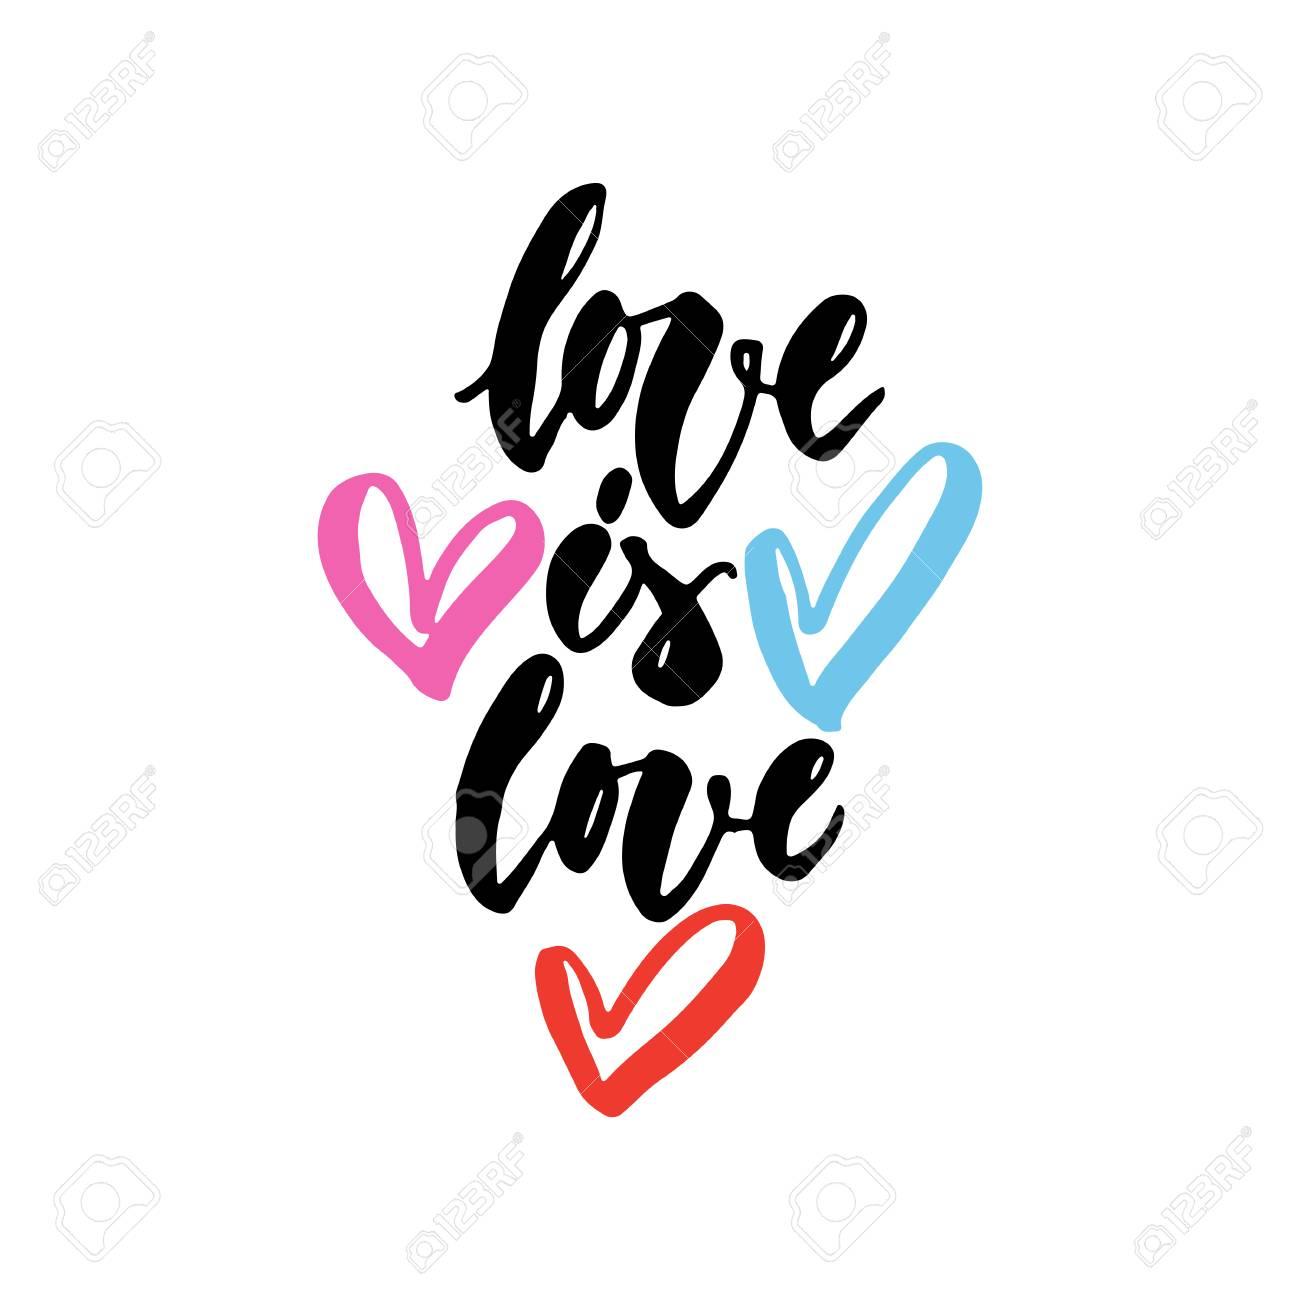 L Amour Est Amour Citation De Lettrage Lgbt Slogan Dessinés à La Main Avec Des Coeurs Isolés Sur Le Fond Blanc Inscription D Encre Brosse Amusant